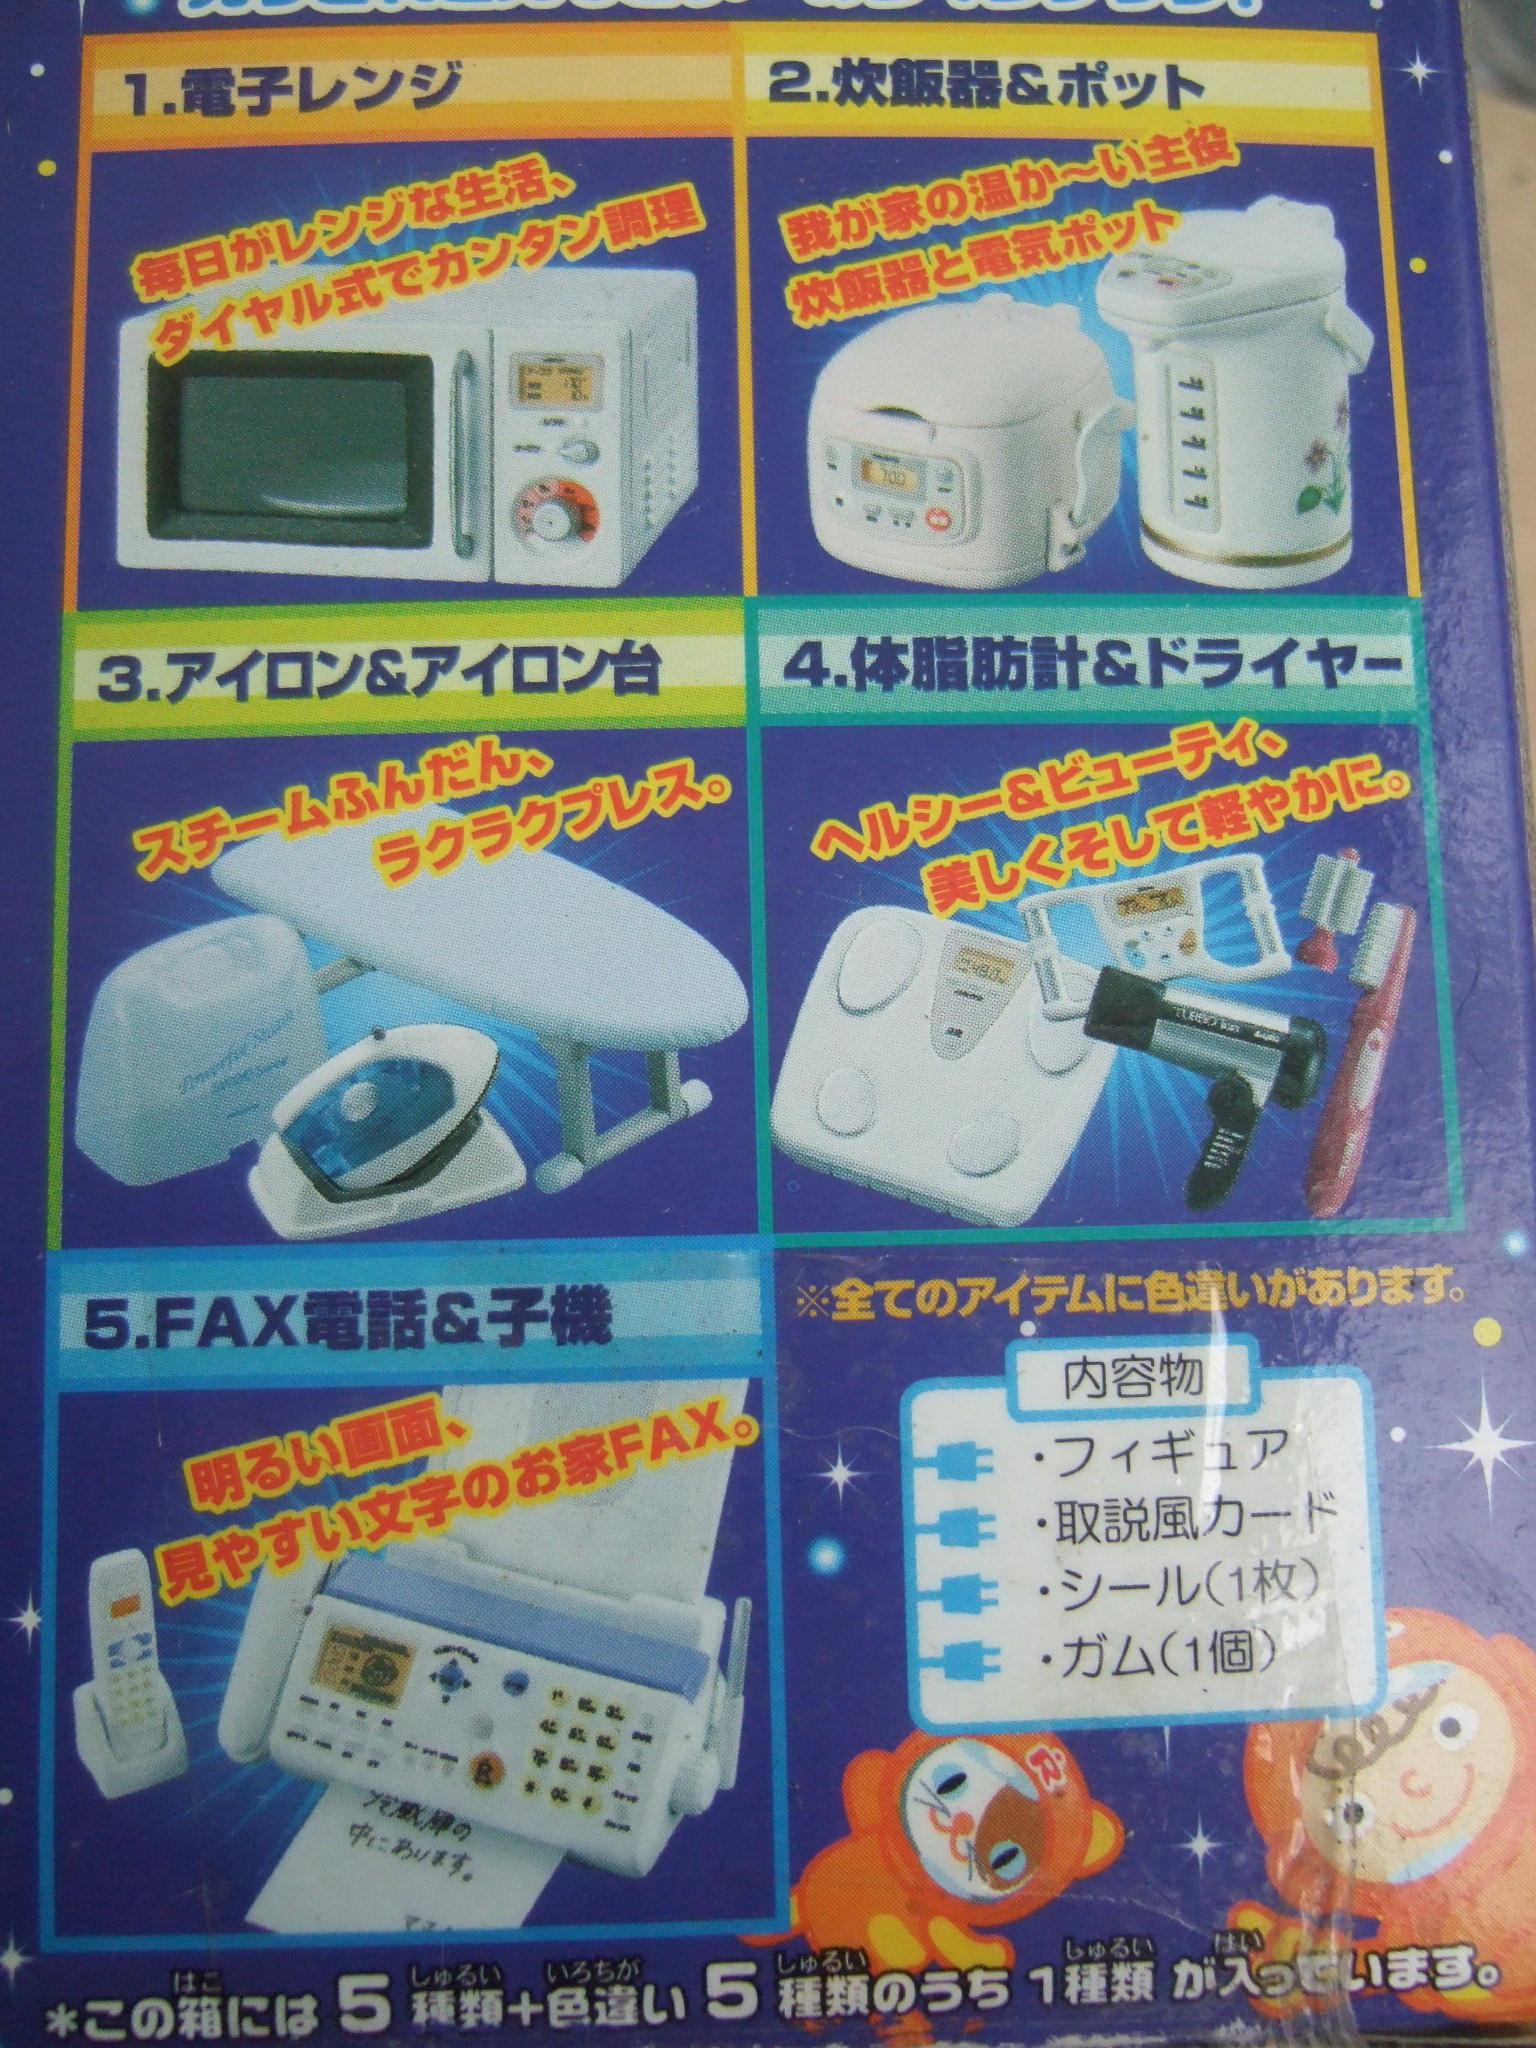 re-ment ชุดเครื่องใช้ไฟฟฟ้าในบ้าน